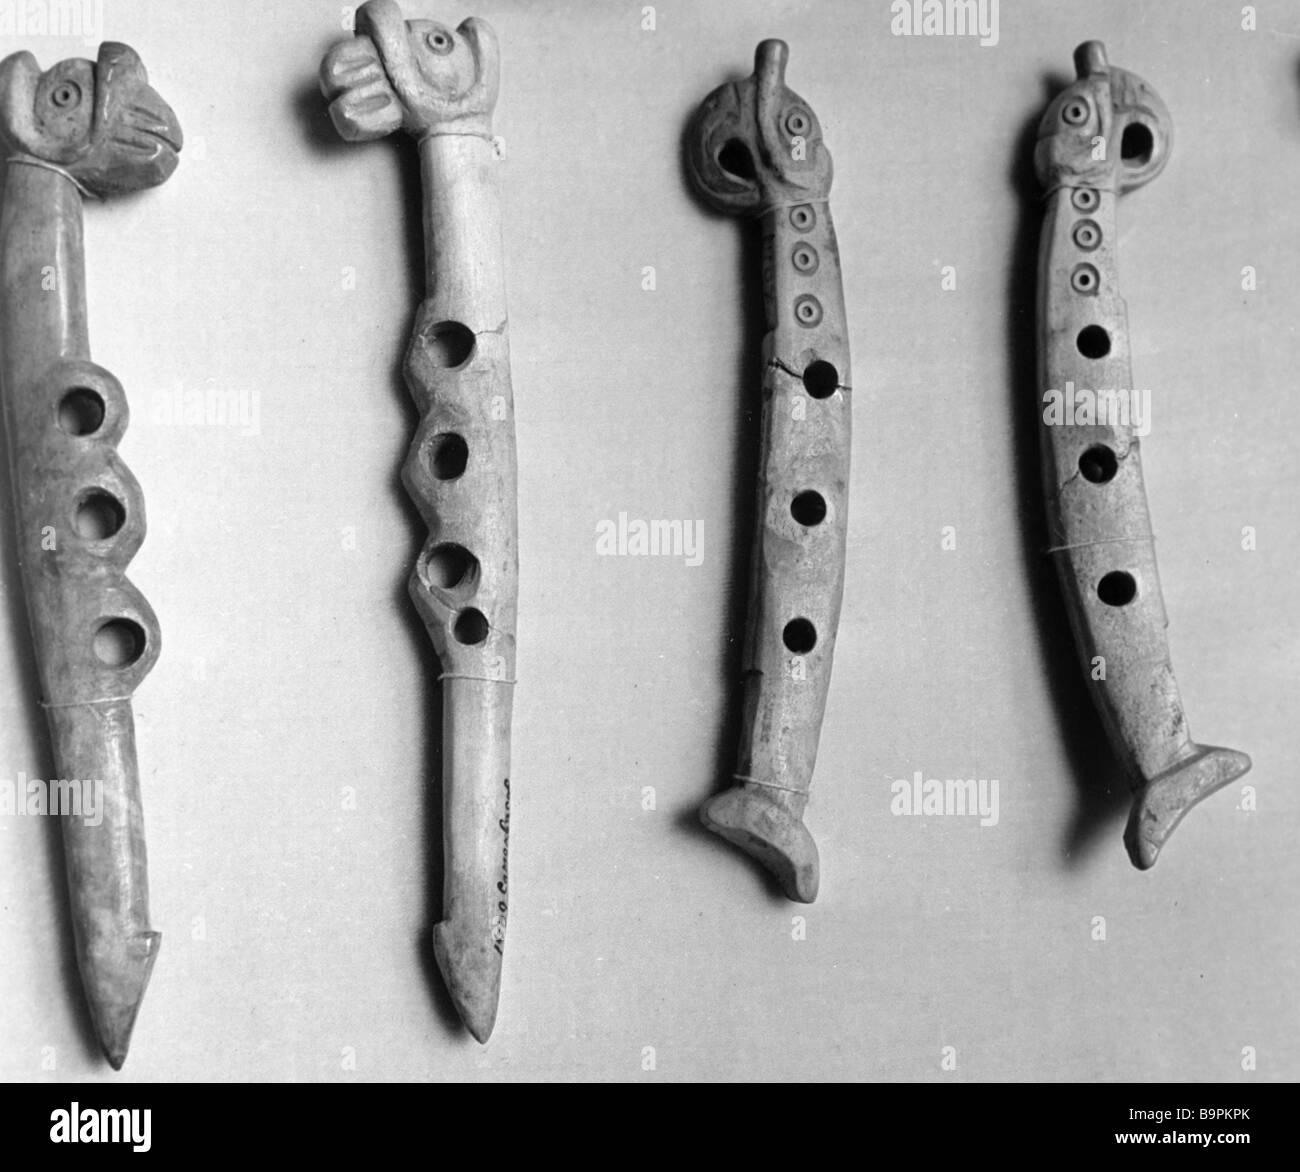 Scythian bone psalium 5th century BC Akvyutintsy settlement Sumy Region D Samokvasov s excavations - Stock Image